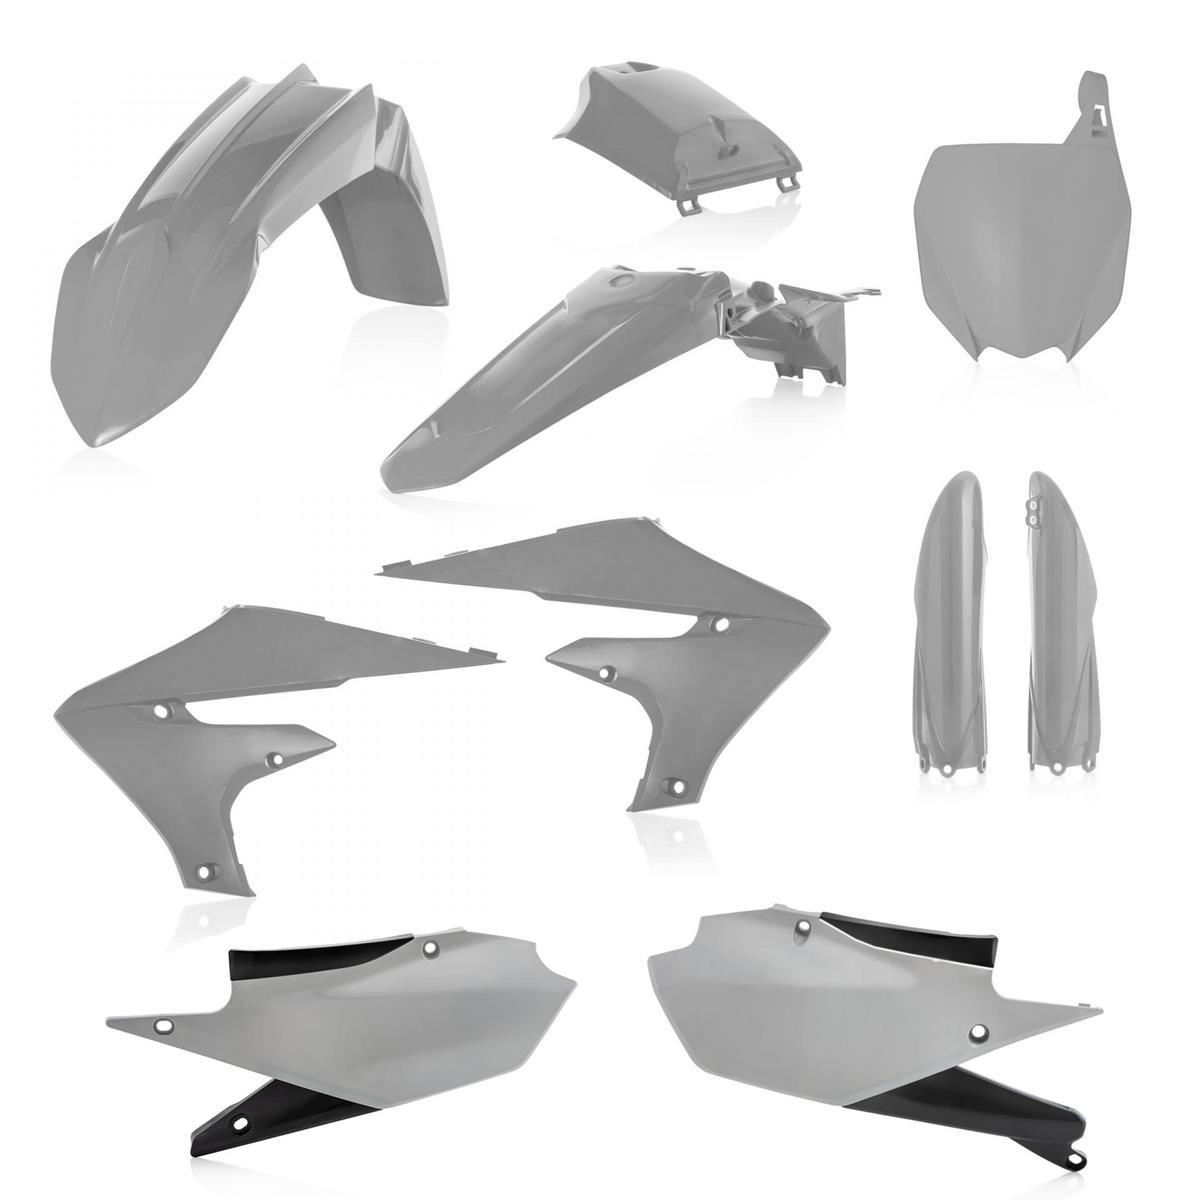 acerbis-plastik-kit-plastic-kit-full-kit-1 (1) gru